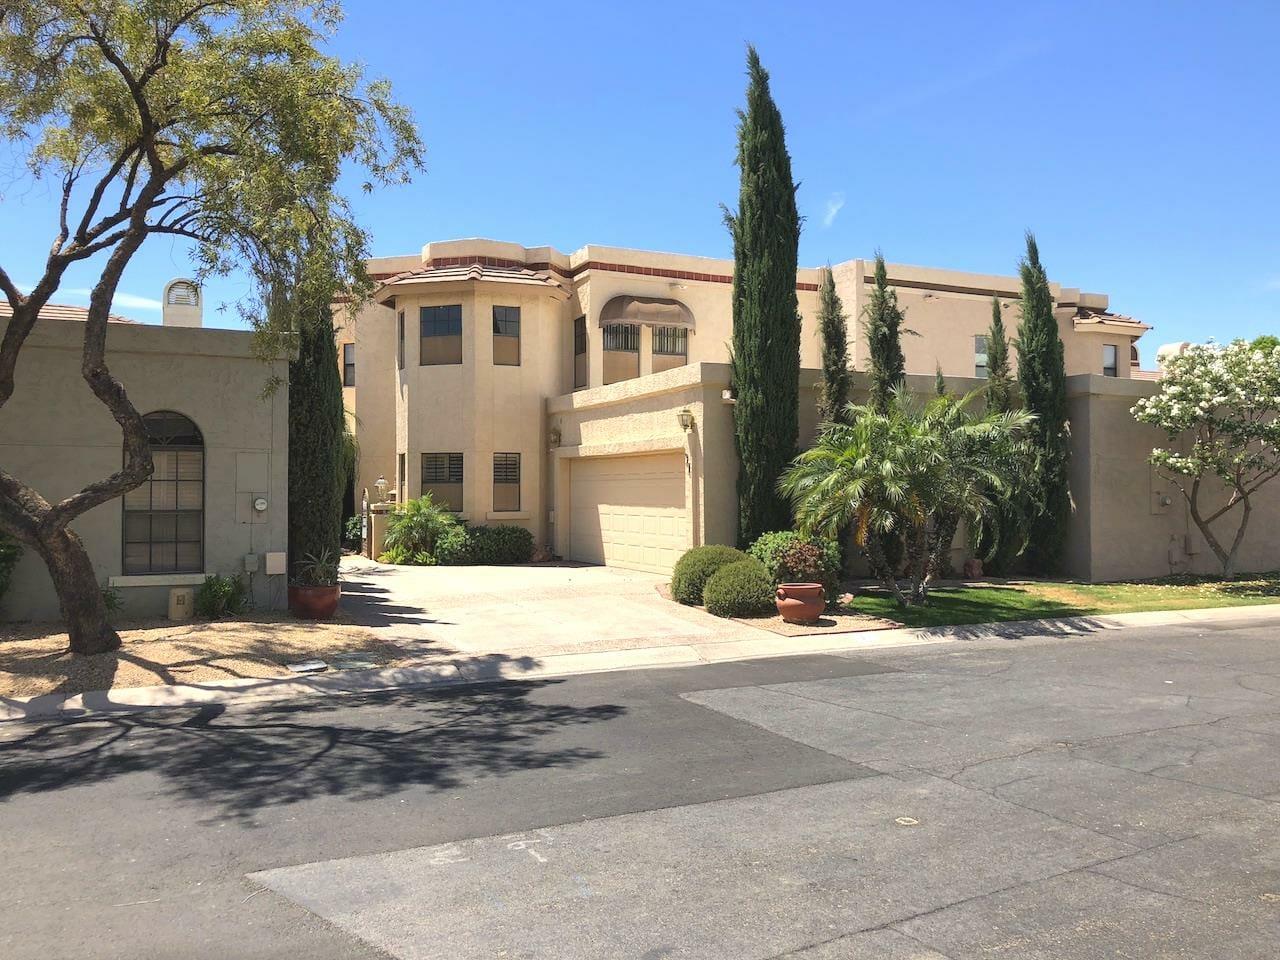 8100 E CAMELBACK Road, #31, Scottsdale, AZ 85251